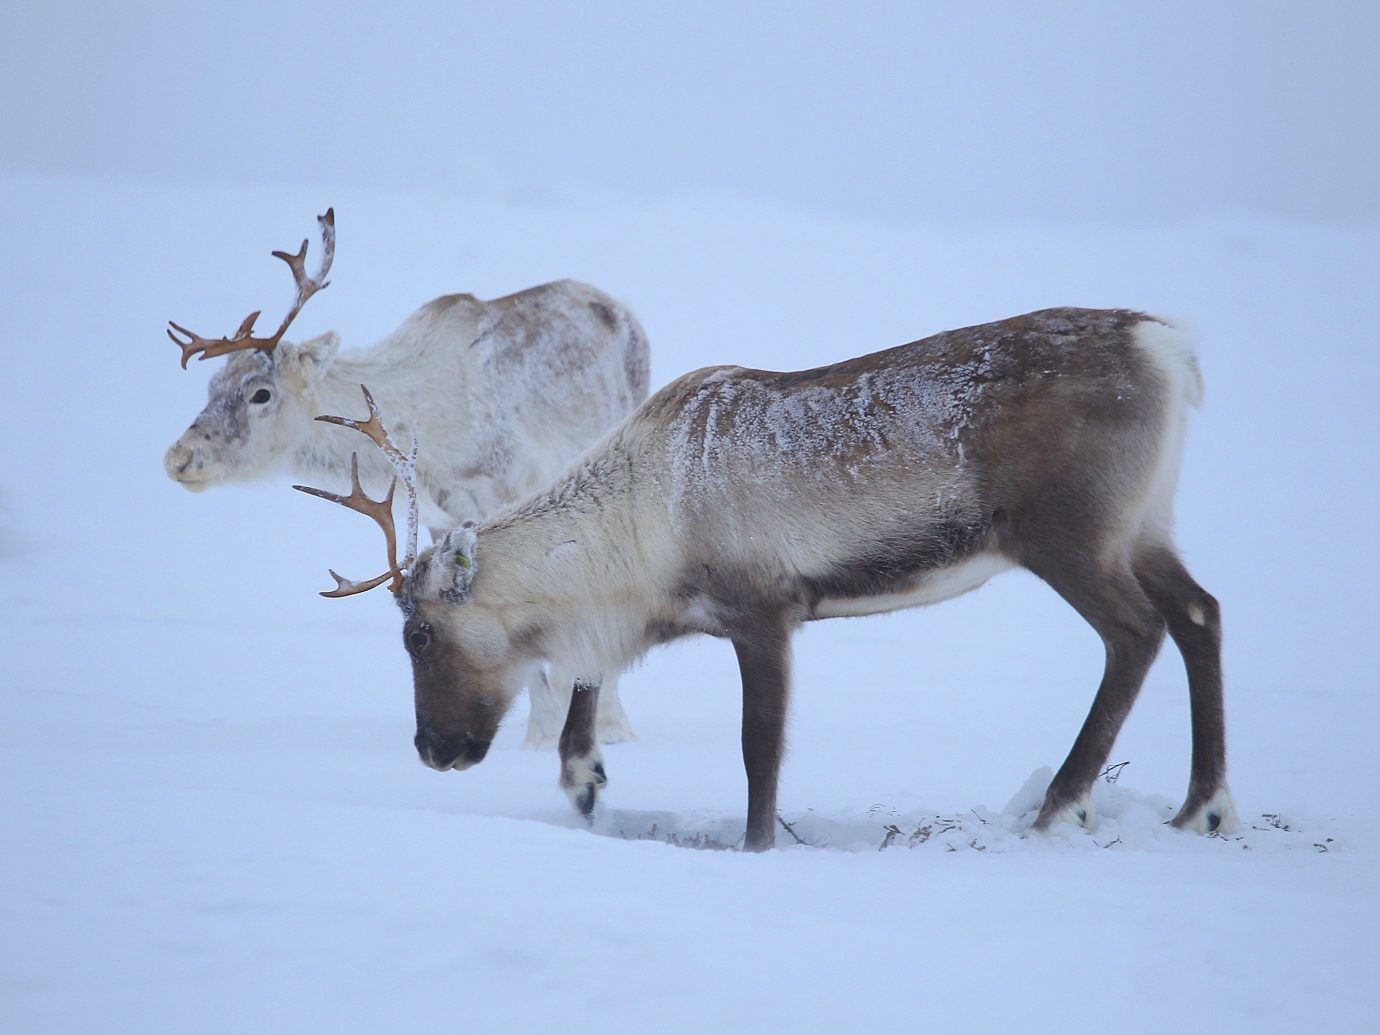 Trip Ideas snow animal outdoor mammal vertebrate deer fauna Wildlife reindeer standing Winter white tailed deer elk day